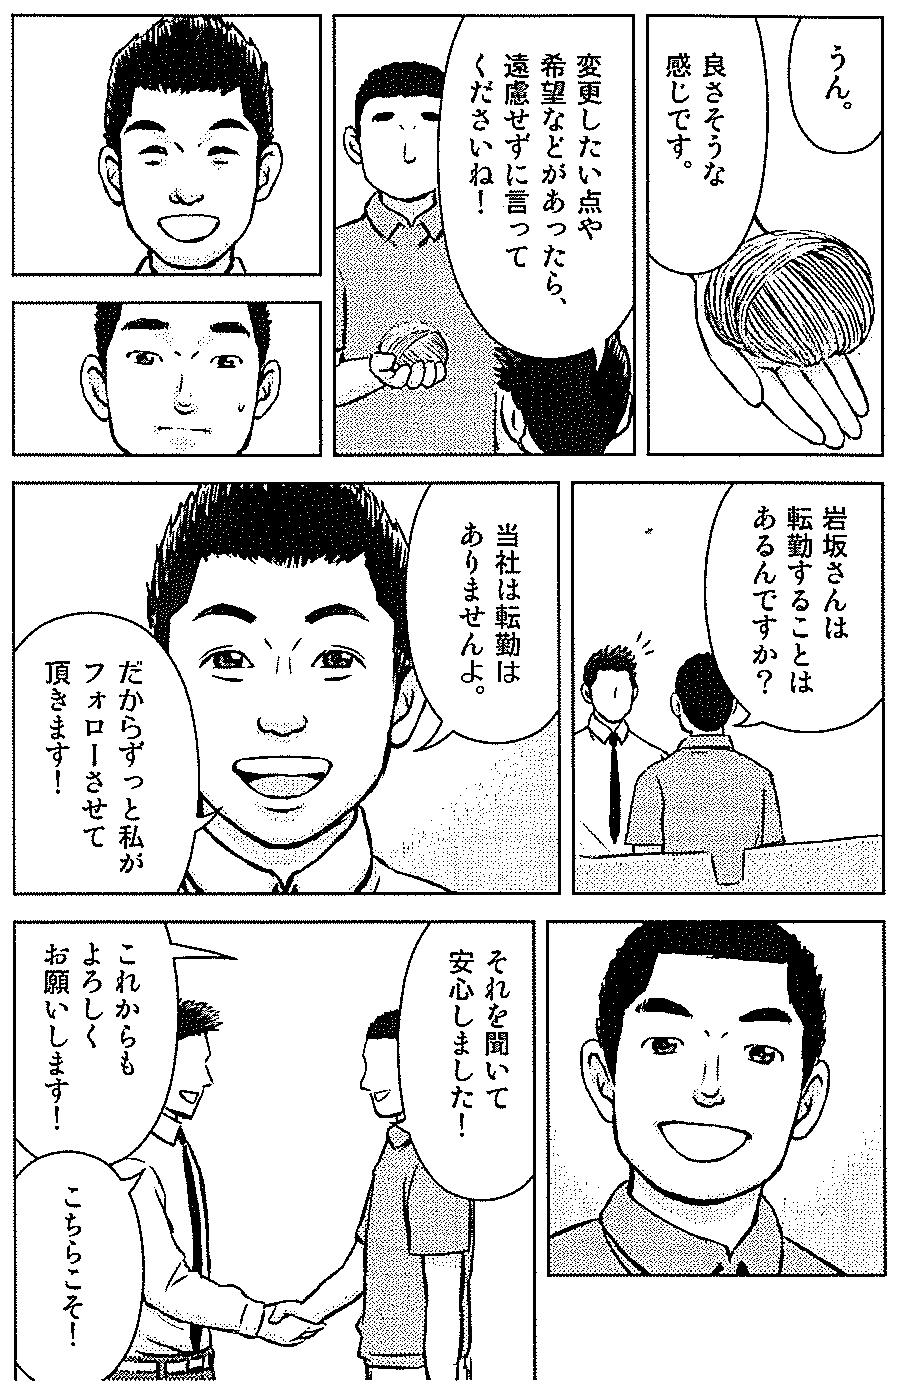 うん。 良さそうな感じです。 変更したい点や 希望などがあったら、遠慮せずに言ってくださいね! 岩坂さんは転勤することはあるんですか? 当社は転勤はありませんよ。 だからずっと私がフォローさせて頂きます! それを聞いて安心しました! これからもよろしくお願いします! こちらこそ!